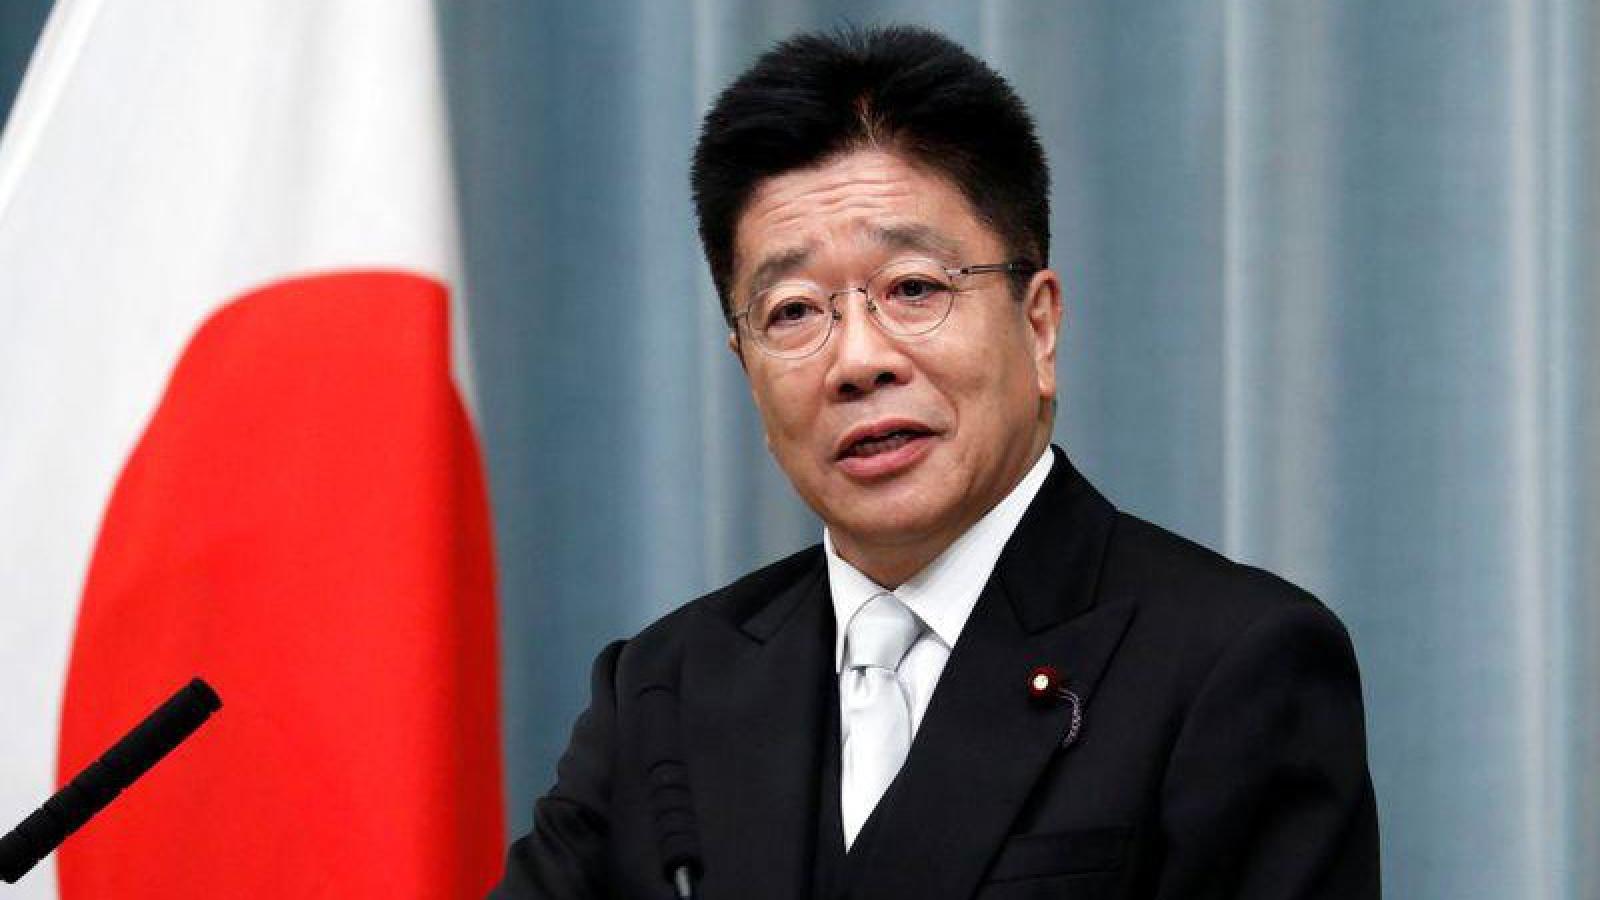 Nhật Bản yêu cầu Trung Quốc rút tàu ra khỏi vùng biển tranh chấp trên biển Hoa Đông